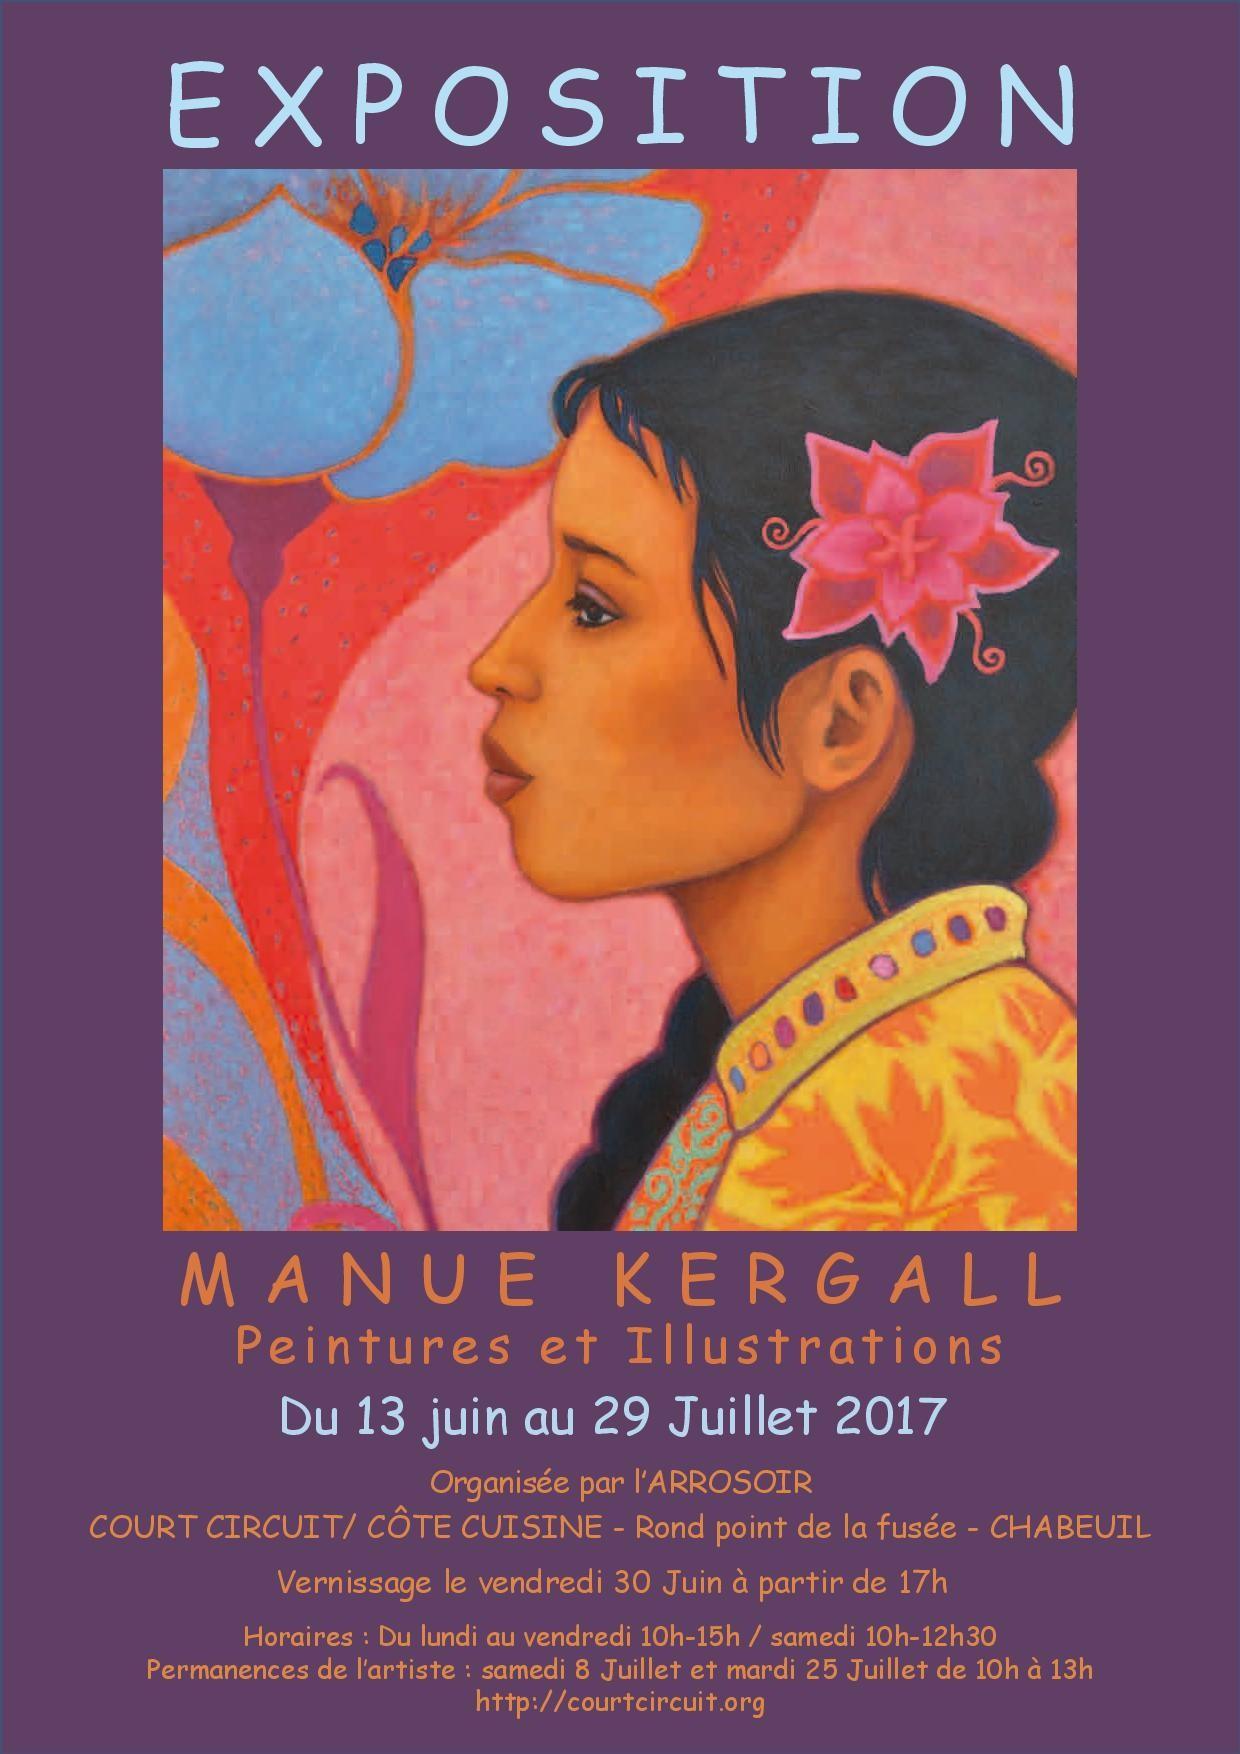 EXPOSITION DE MANUE KERGALL du 13 juin au 29 juillet